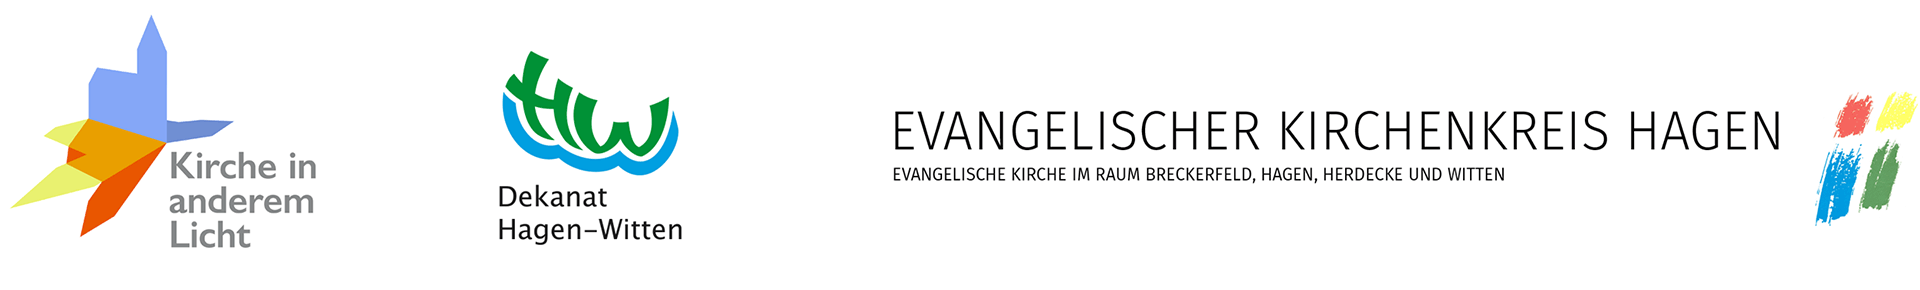 kreuzfahrt-logos